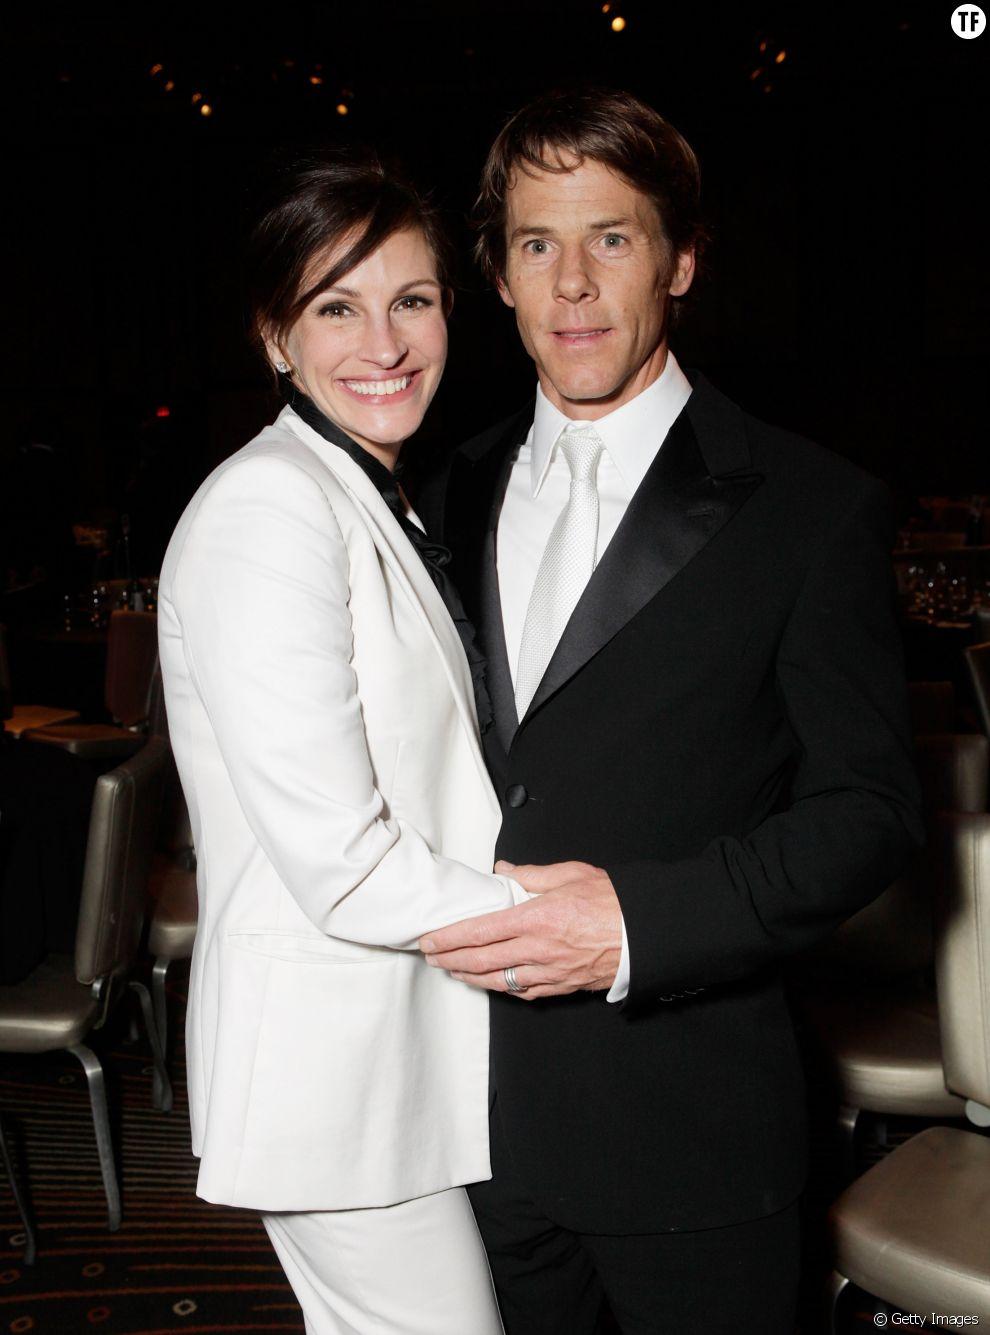 En 2001, Julia Roberts rencontre Daniel Moder sur un tournage. Son rôle ? Directeur de la photographie. Mariés en 2002, les amoureux sont parents de jumeaux.